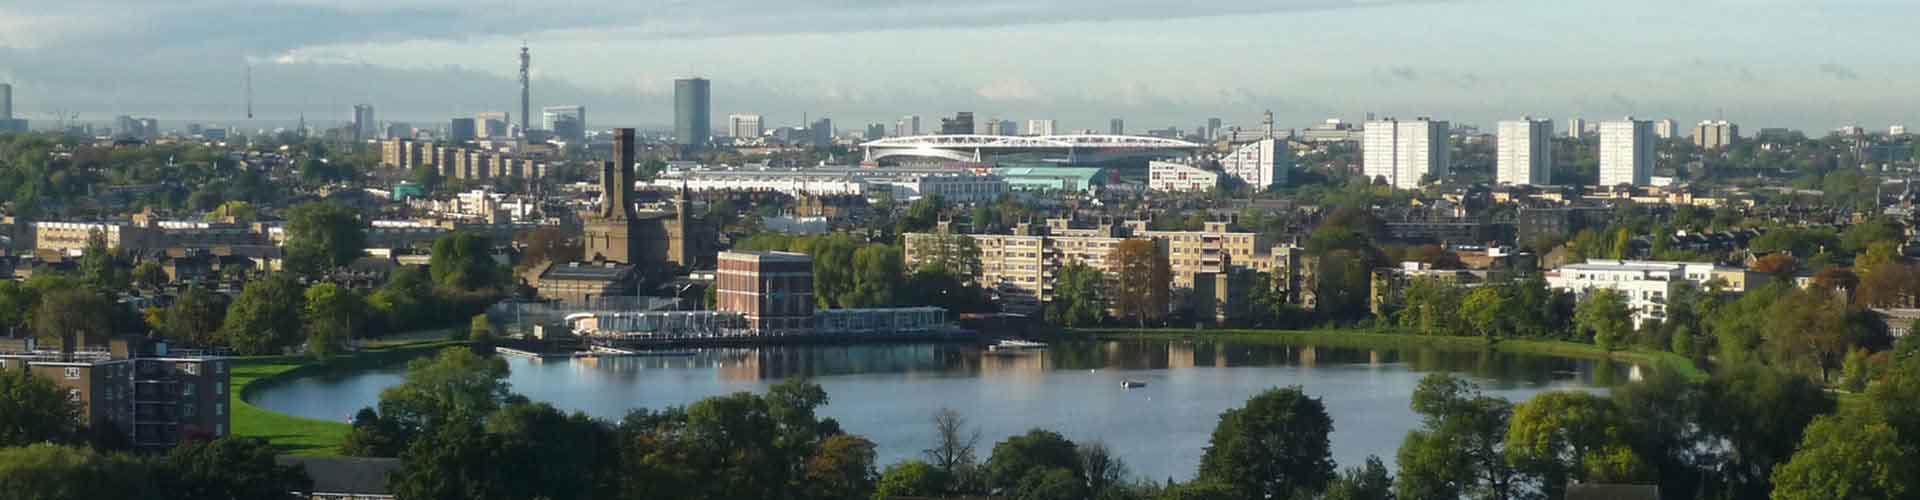 런던 - Stoke Newington지역에 위치한 아파트. 런던의 지도, 런던에 위치한 아파트에 대한 사진 및 리뷰.